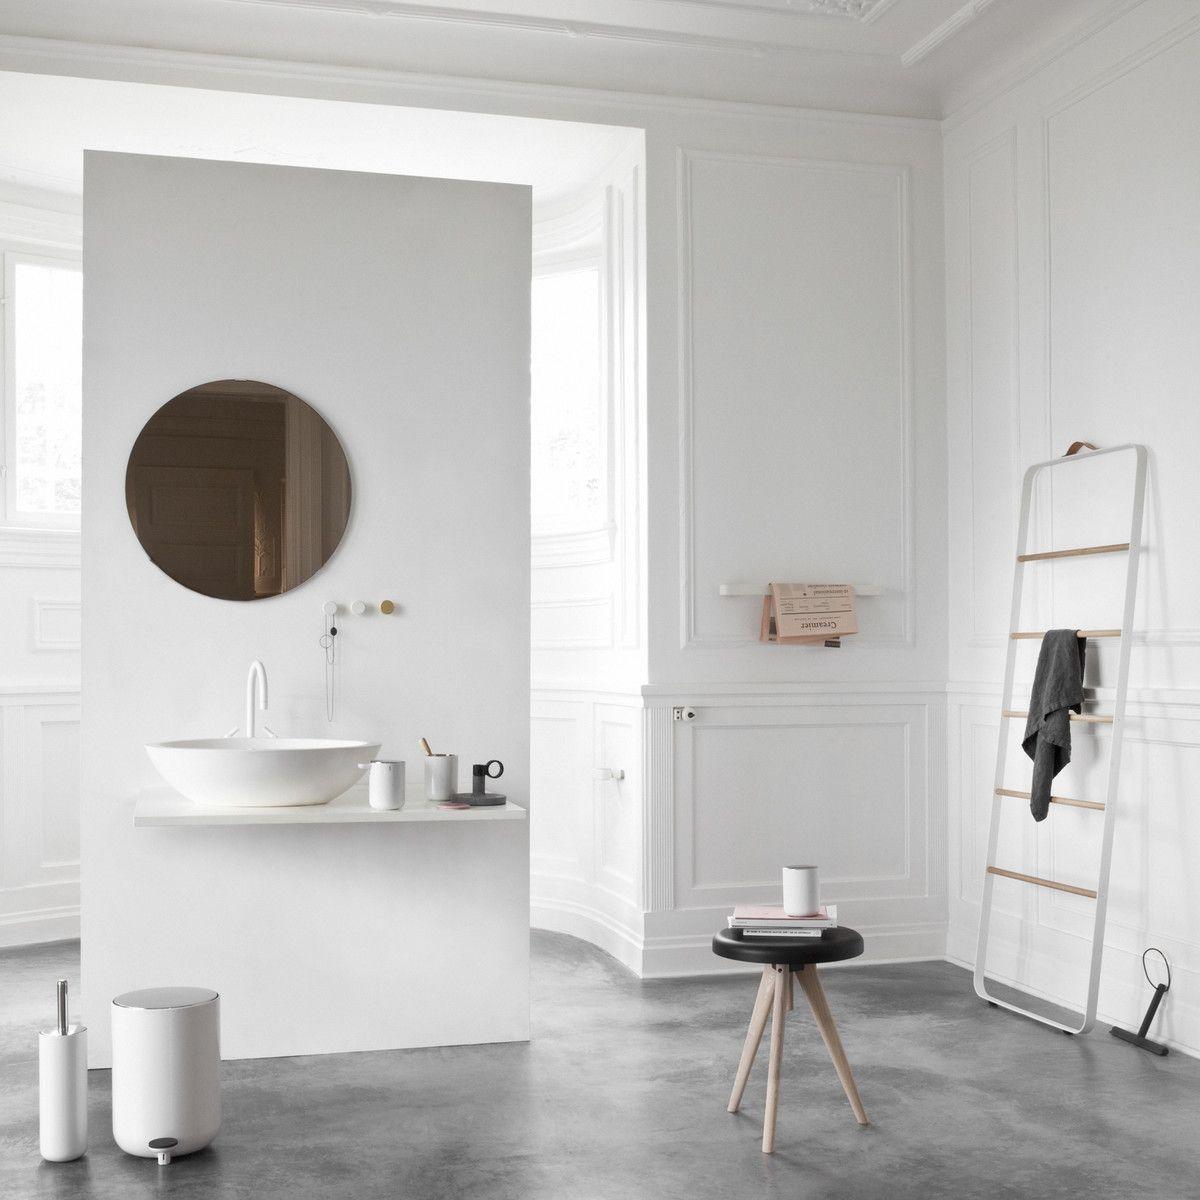 Menu Bath Treteimer 4 L Weiss Badezimmer Innenausstattung Bad Inspiration Badezimmer Design